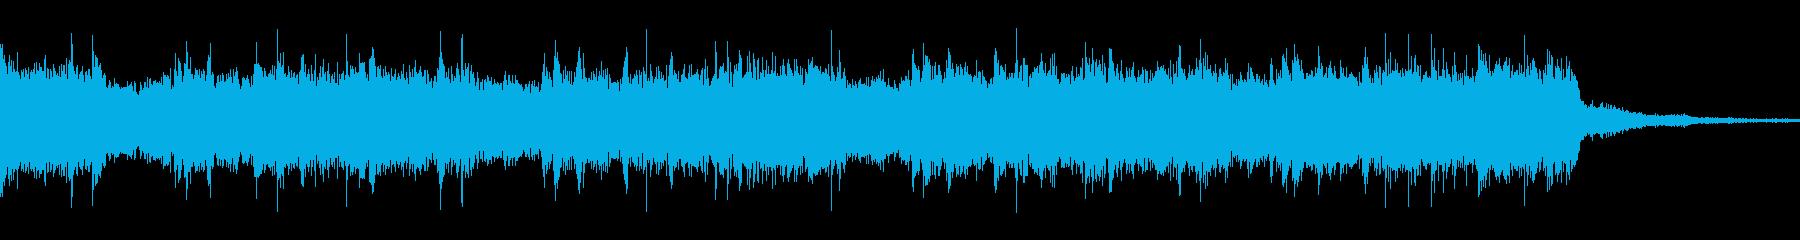 エッジの効いたベースのロックな曲の再生済みの波形